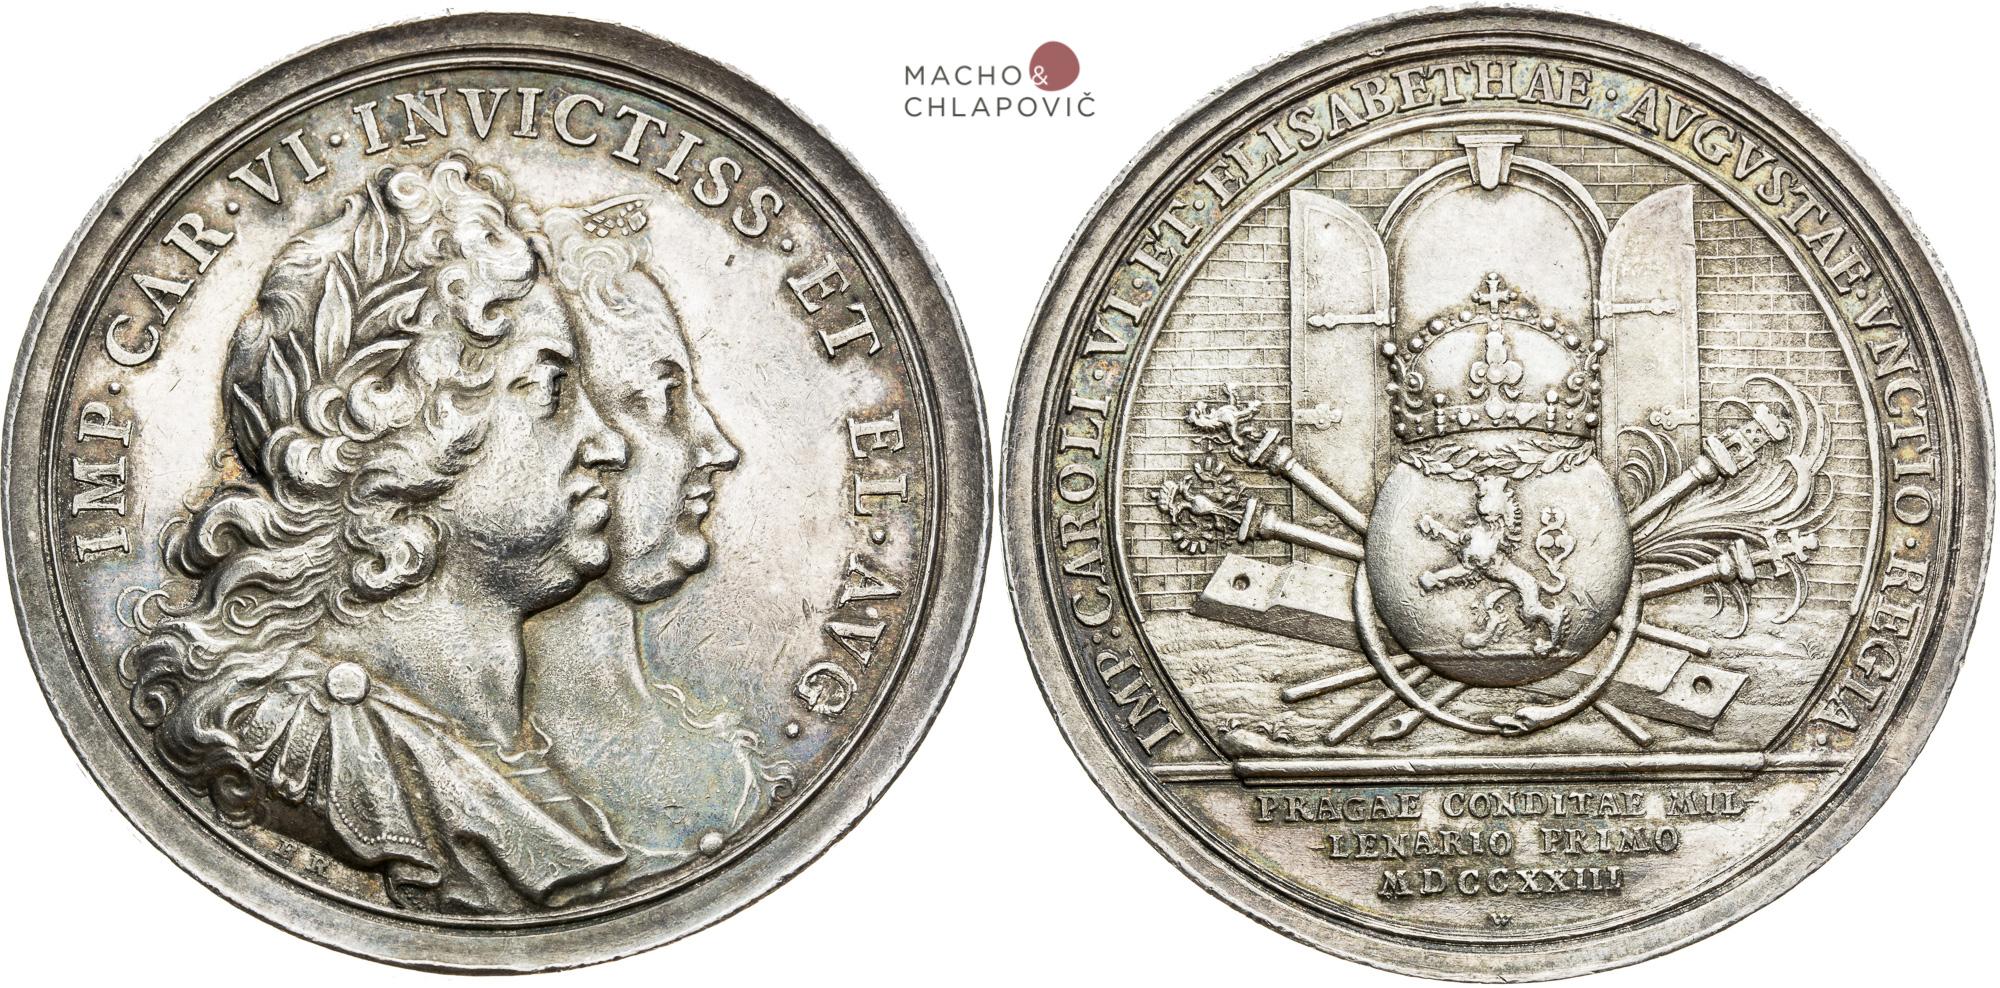 1997 SILVER VENEZUELA PROOF 500 BOLIVARES BICENTENNIAL PROOF 69 ULTRA CAMEO